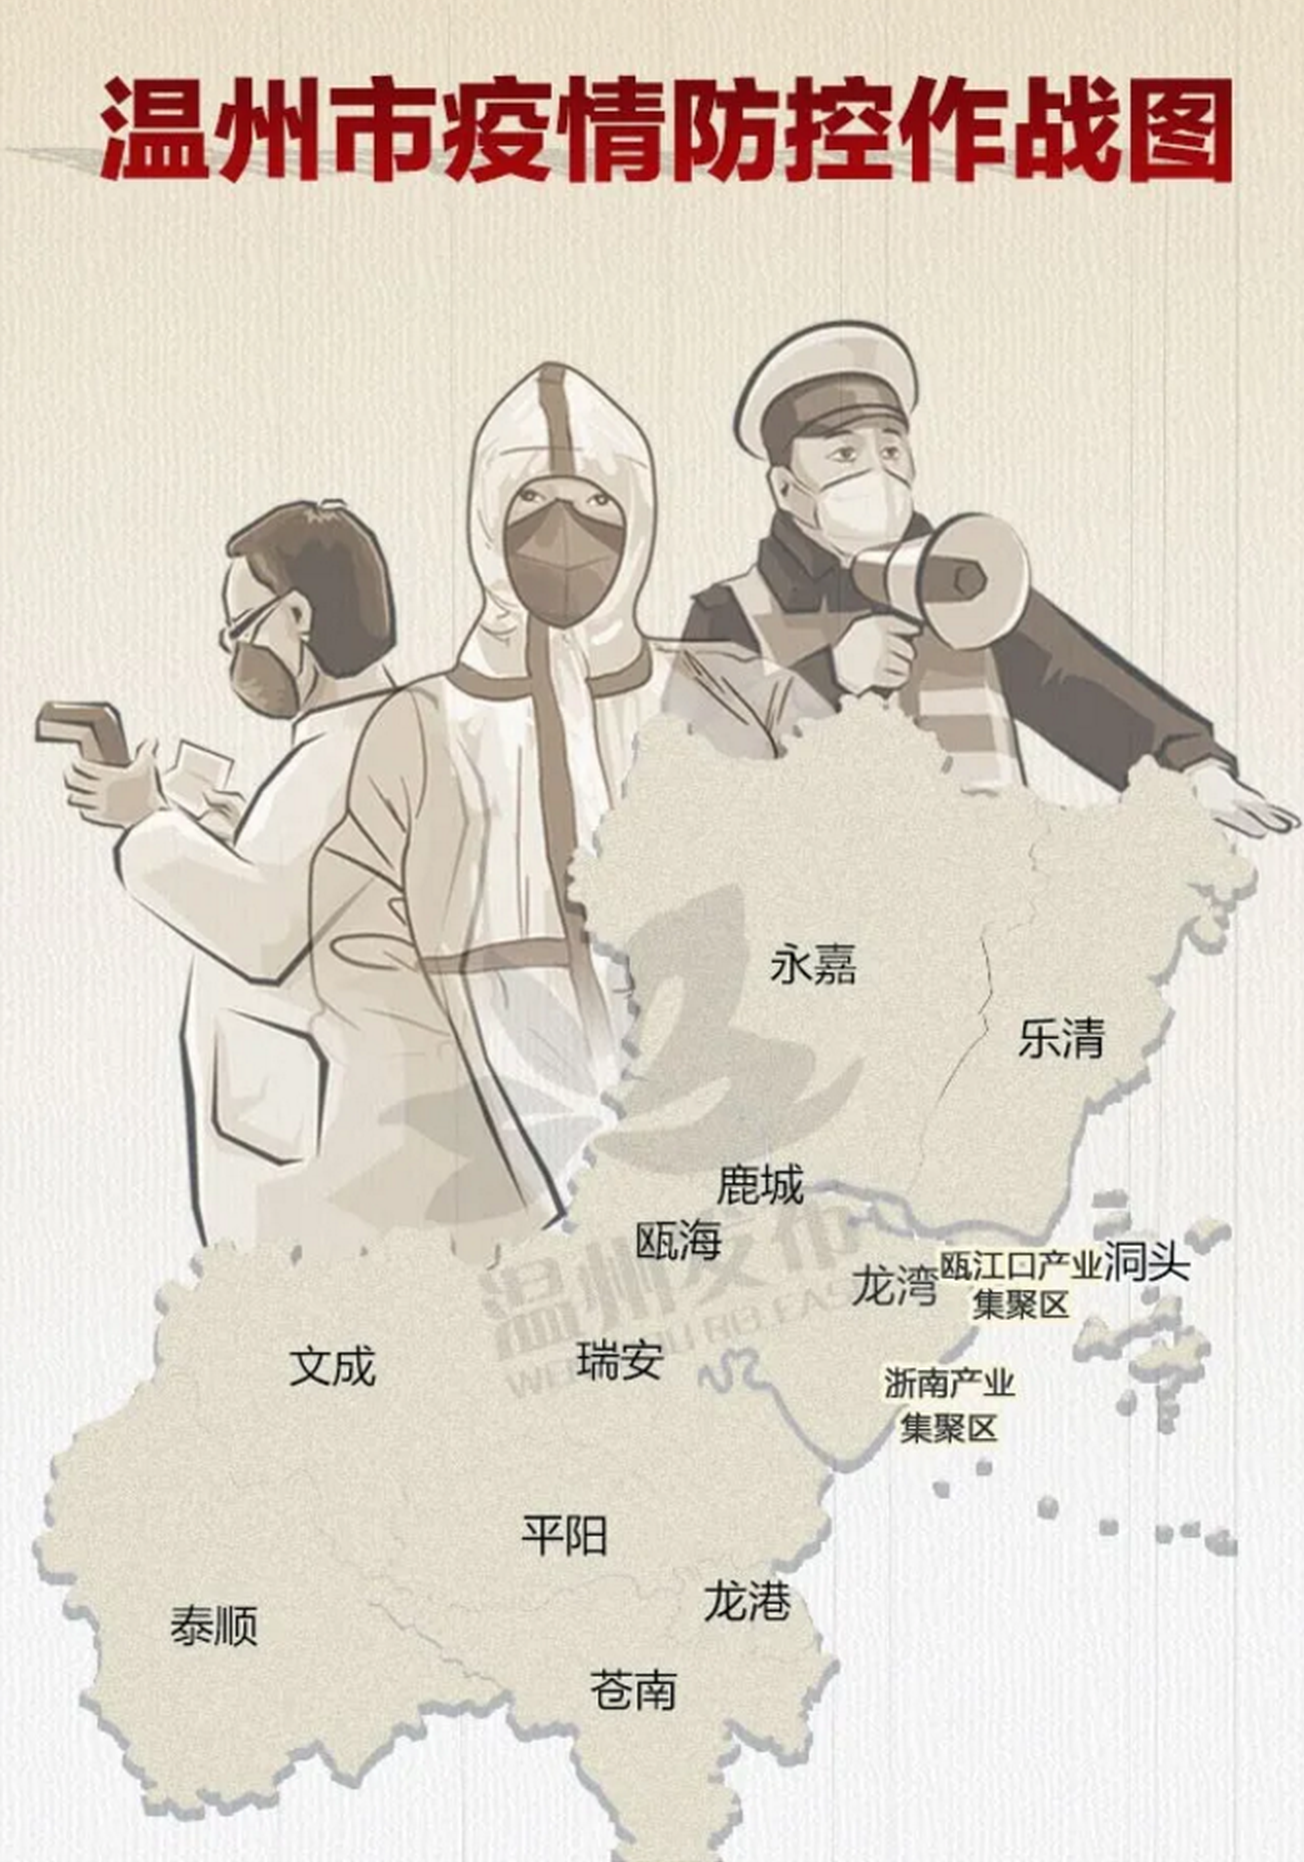 看 温州市疫情防控作战图